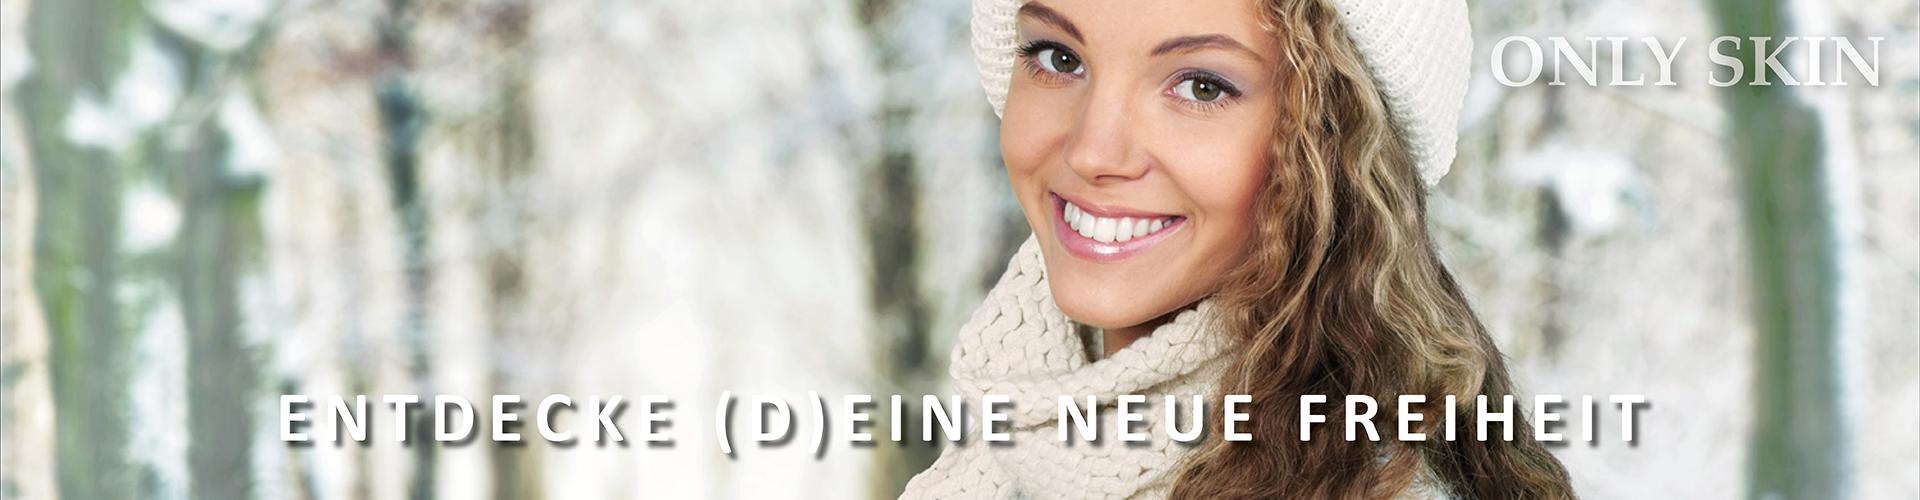 Dauerhafte Haarentfernung bei Only Skin - Entdekce Deine neue Freiheit